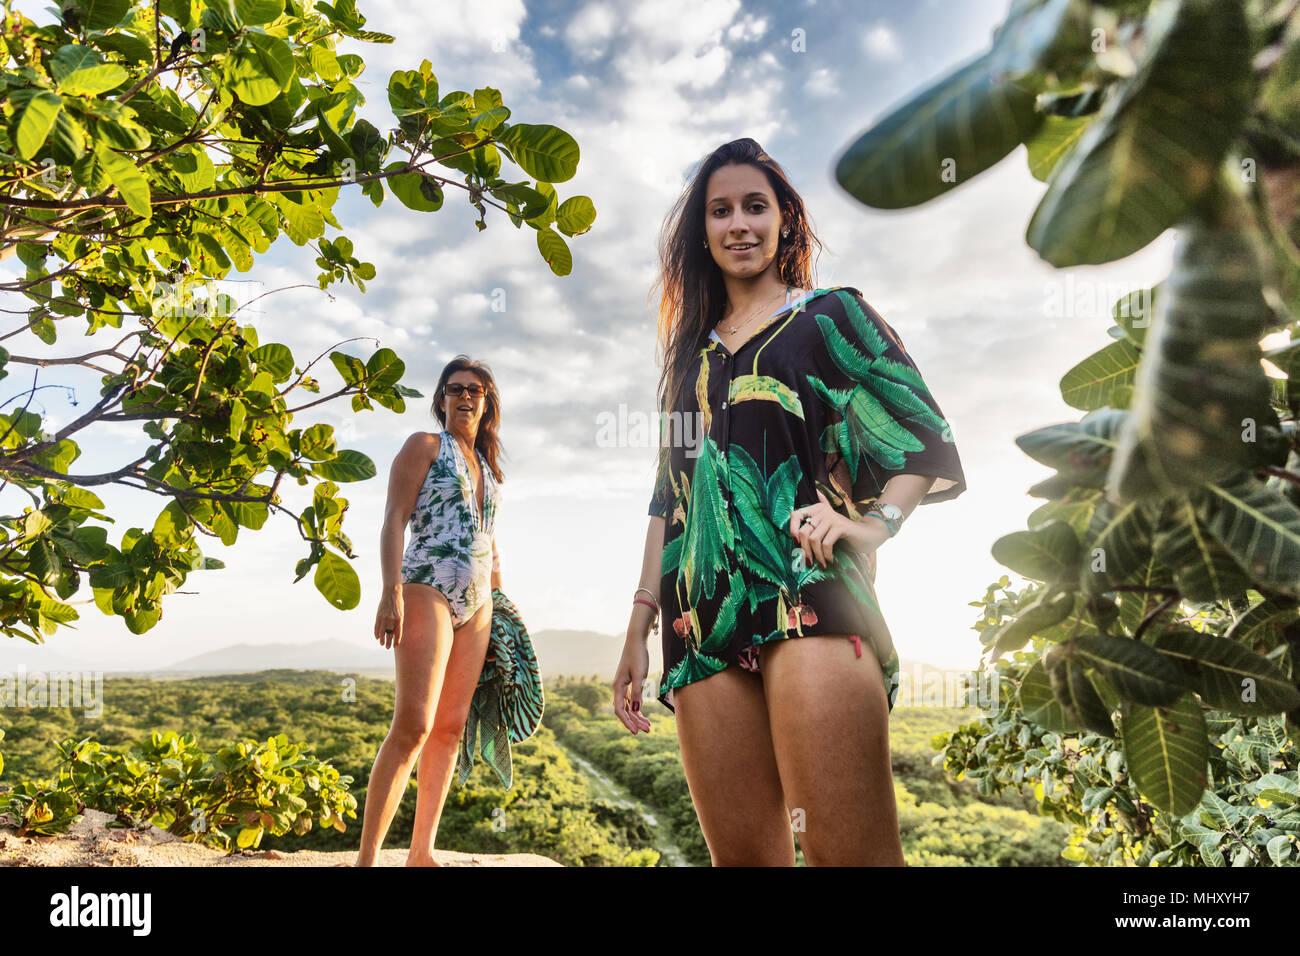 Ritratto di Madre e figlia in costume da bagno guardando la telecamera sorridendo, Caucaia, Ceara, Brasile Immagini Stock